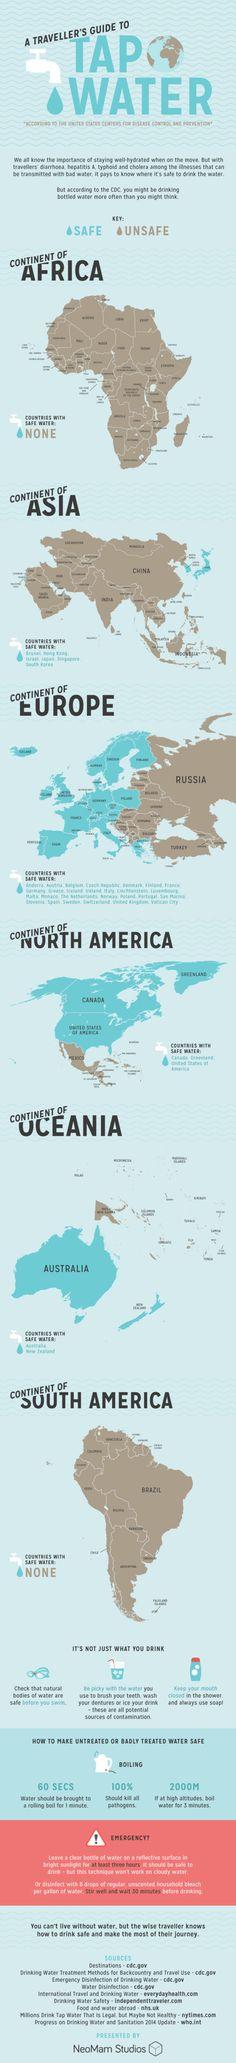 「この国の水道水は飲めるか?」を示すインフォグラフィック | ライフハッカー[日本版]